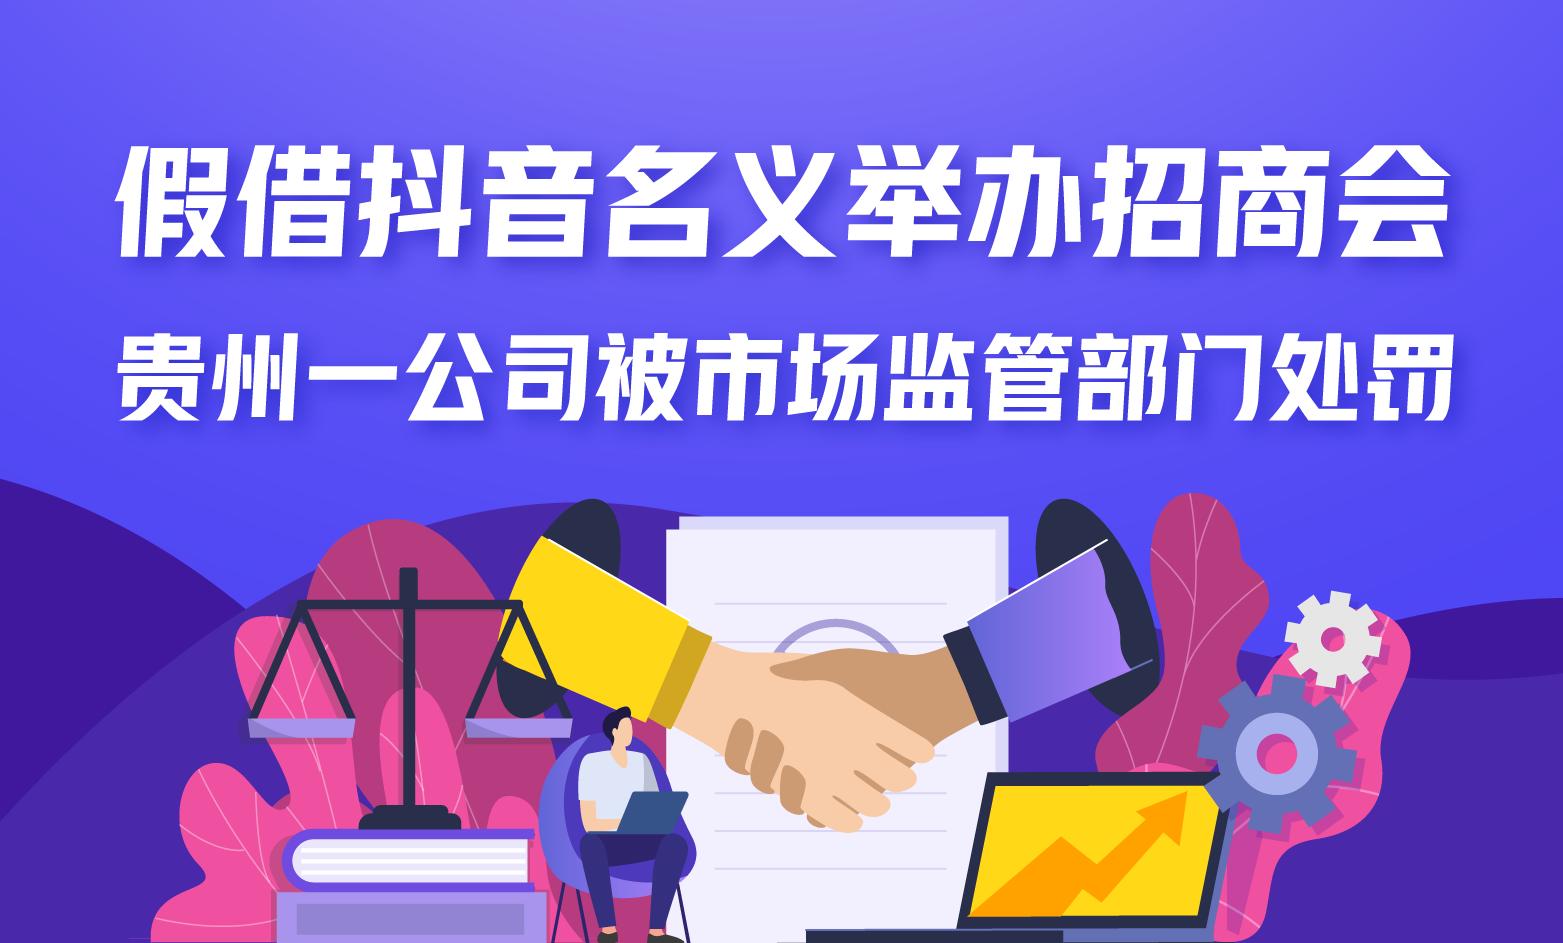 假借抖音名义举办招商会,贵州一公司被市场监管部门处罚